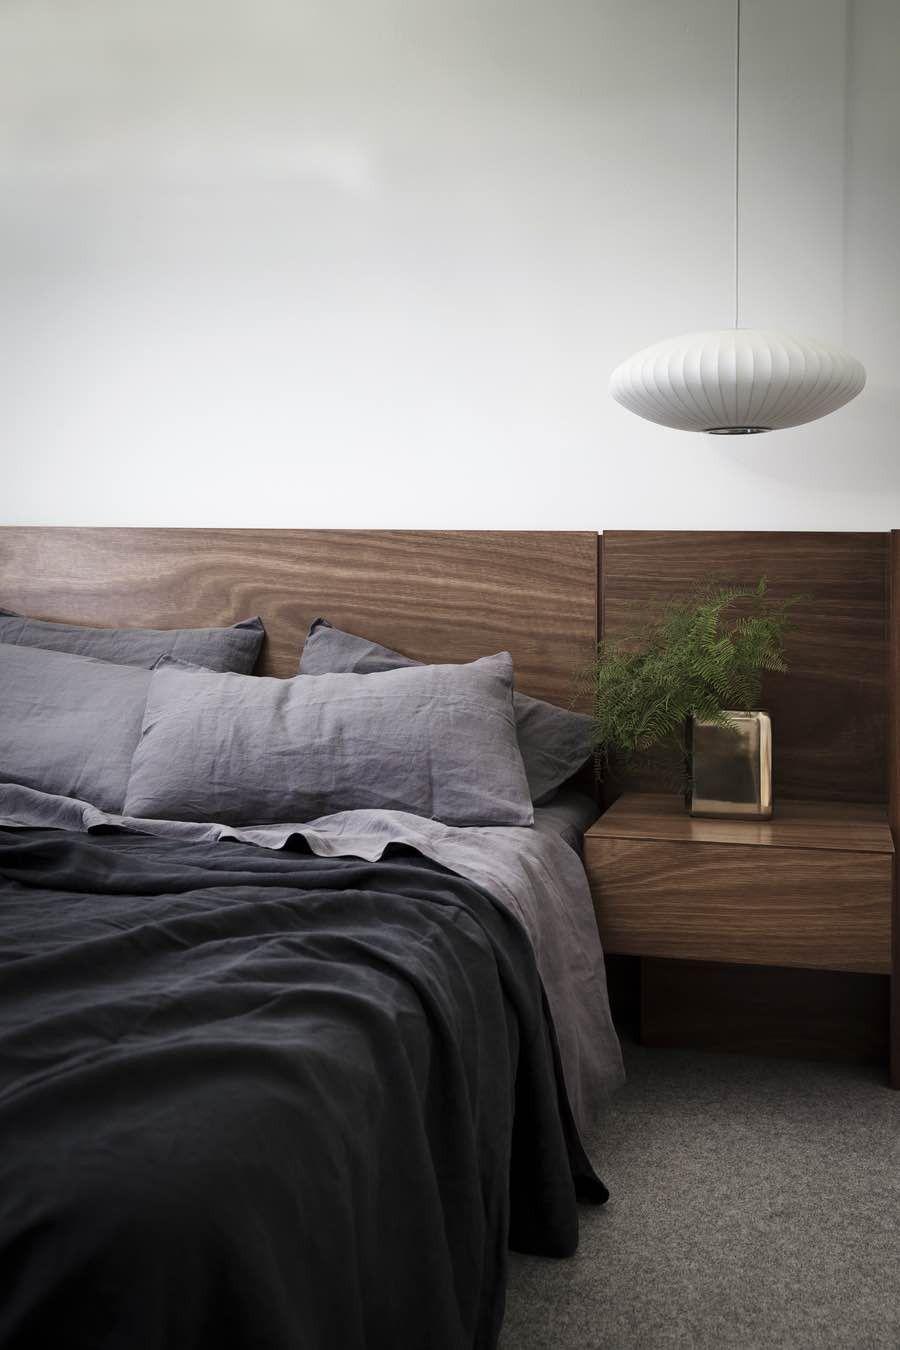 linen flat sheet with border home pinterest schlafzimmer haus und schlafzimmer ideen. Black Bedroom Furniture Sets. Home Design Ideas